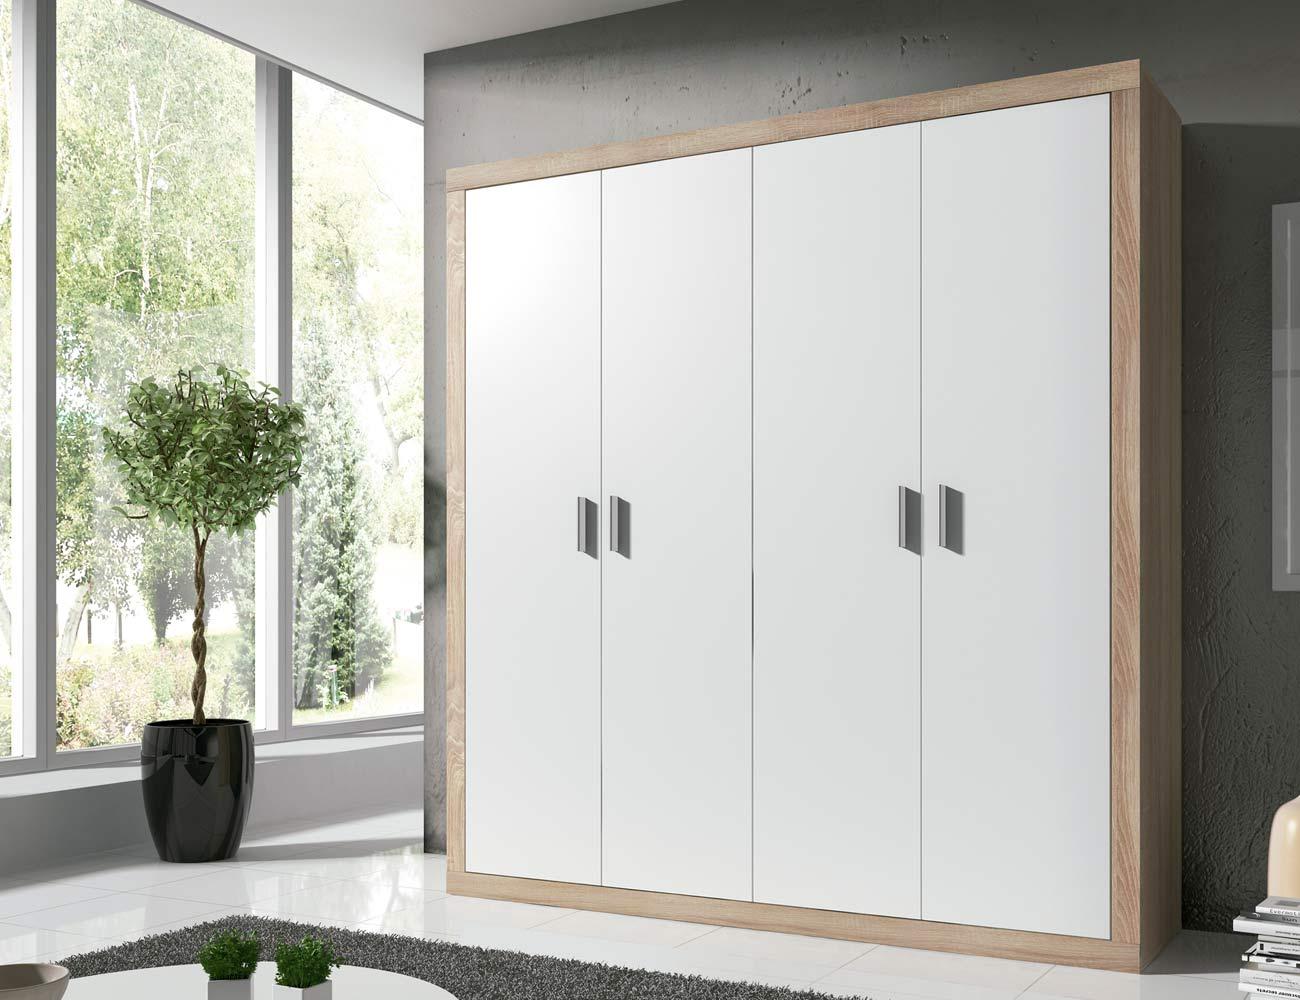 Detalle armario puertas abatibles cambrian blanco2